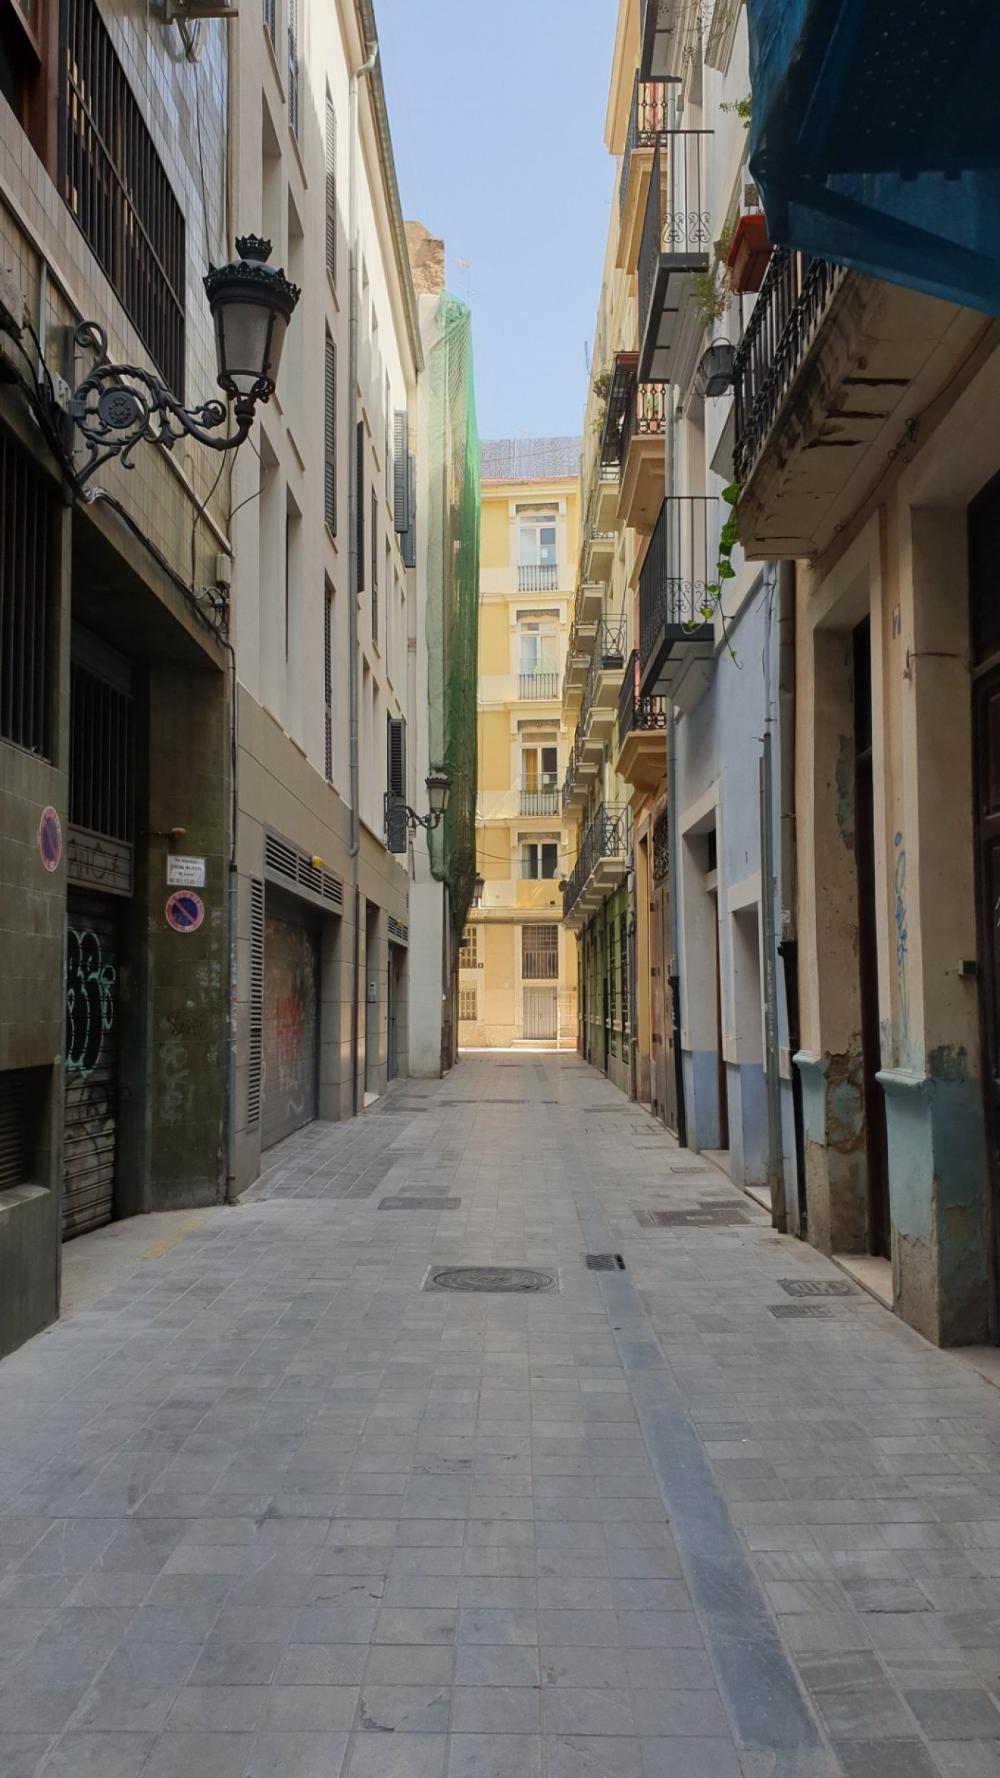 ciutat vella la xerea valencia edificio foto 3824238